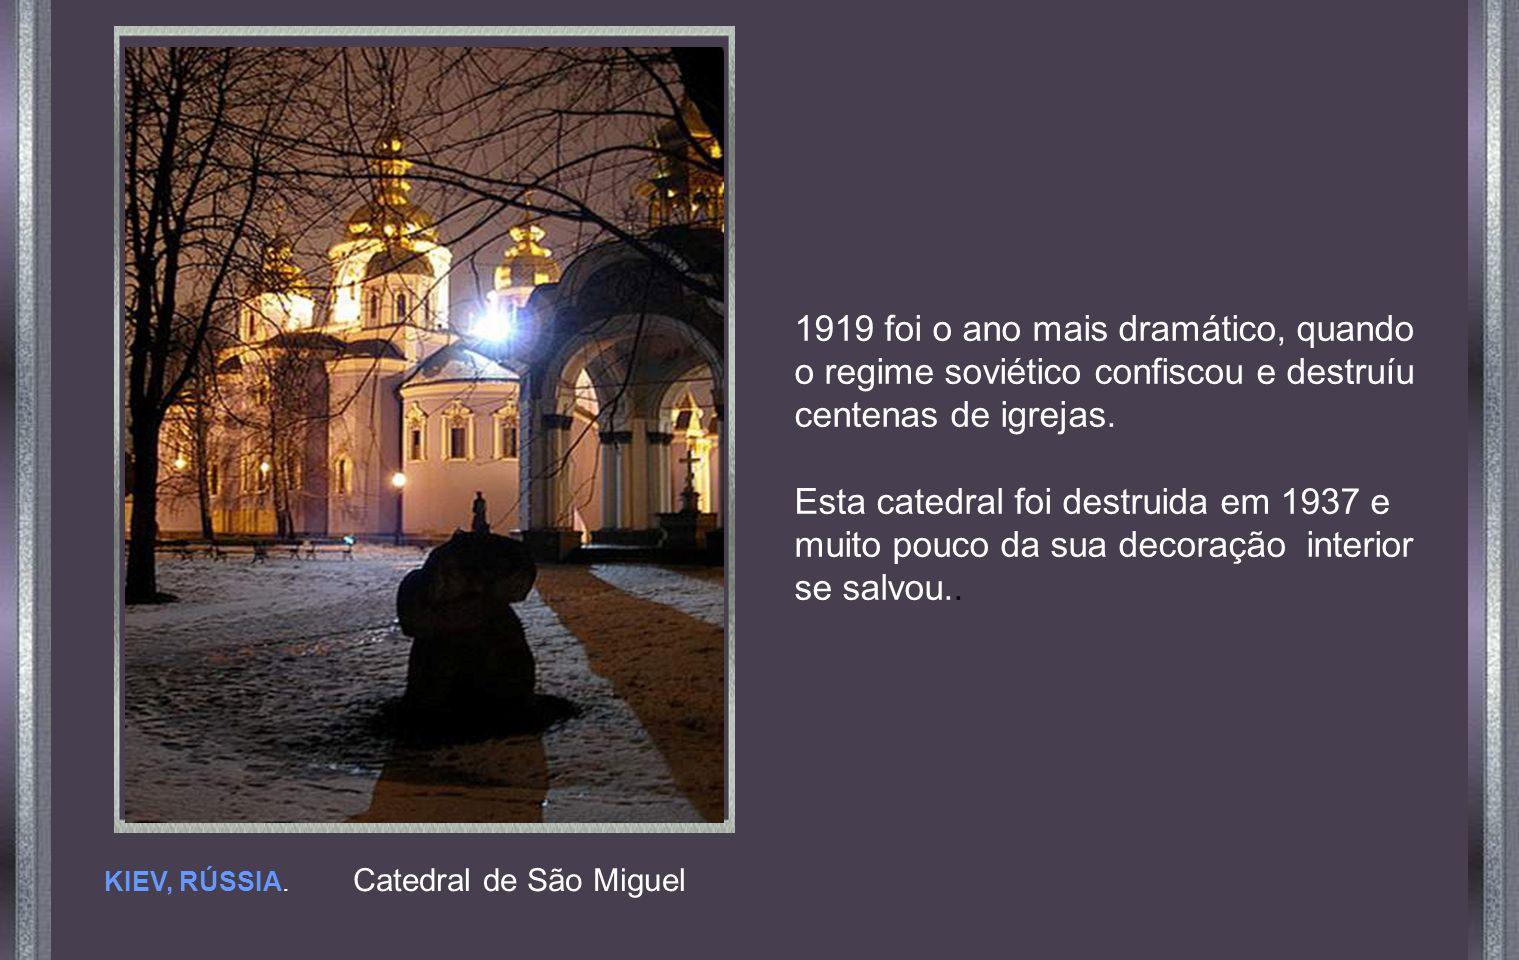 1919 foi o ano mais dramático, quando o regime soviético confiscou e destruíu centenas de igrejas.